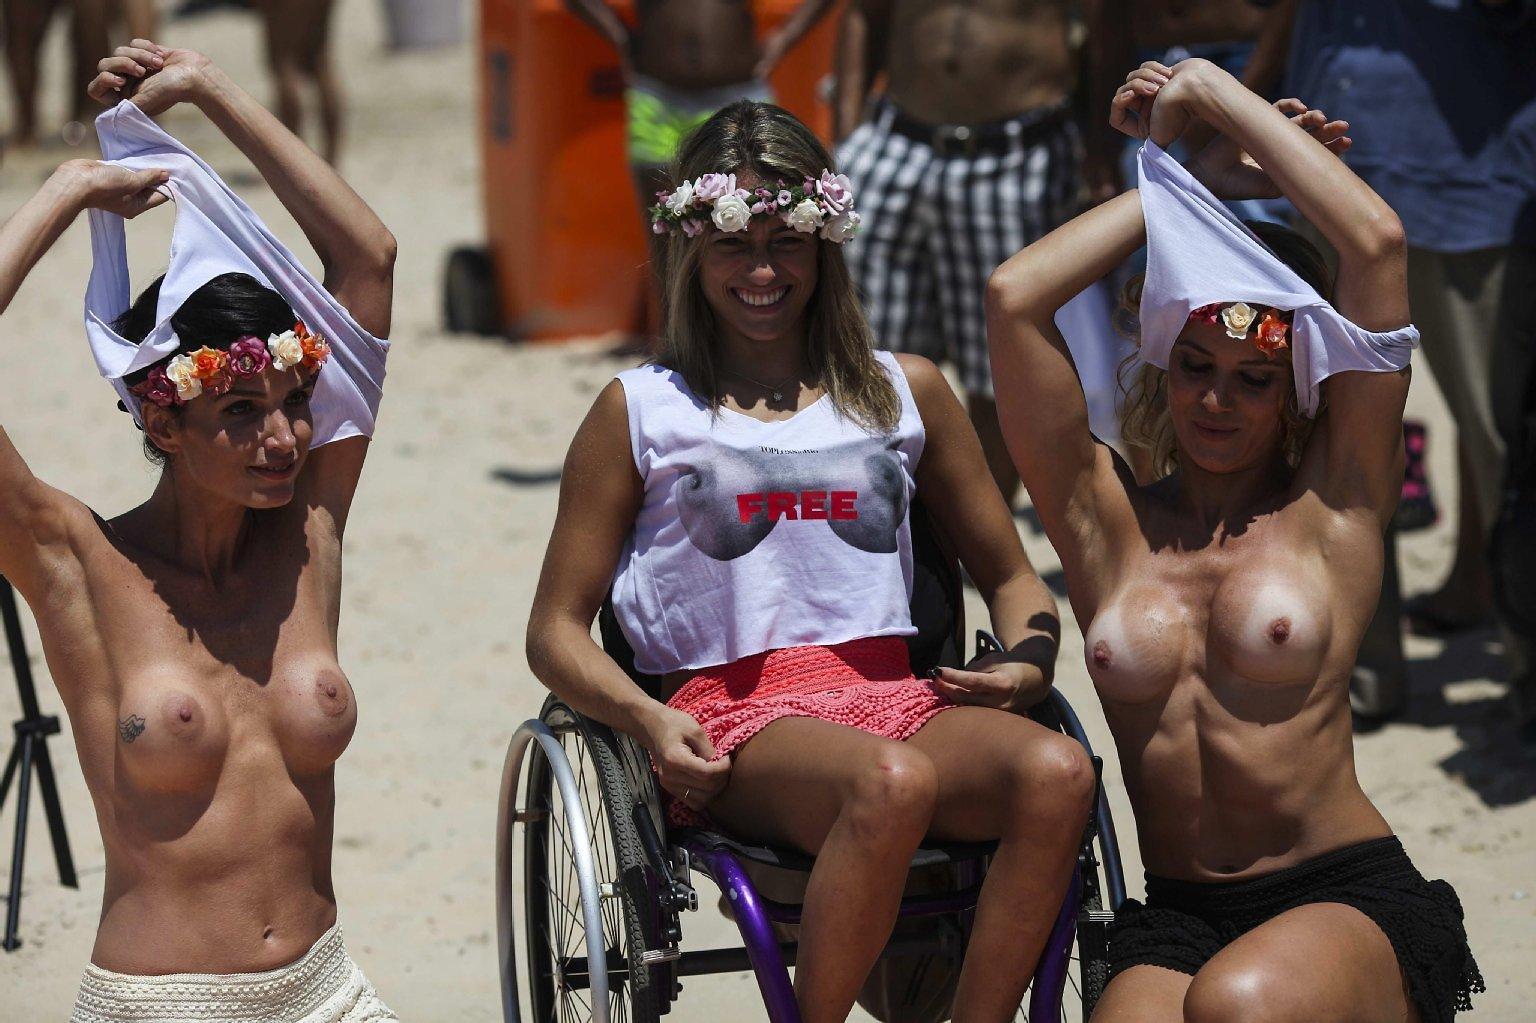 Фото и видео топлесс бразильянок, смотреть онлайн ебут суку азиатку в жопу